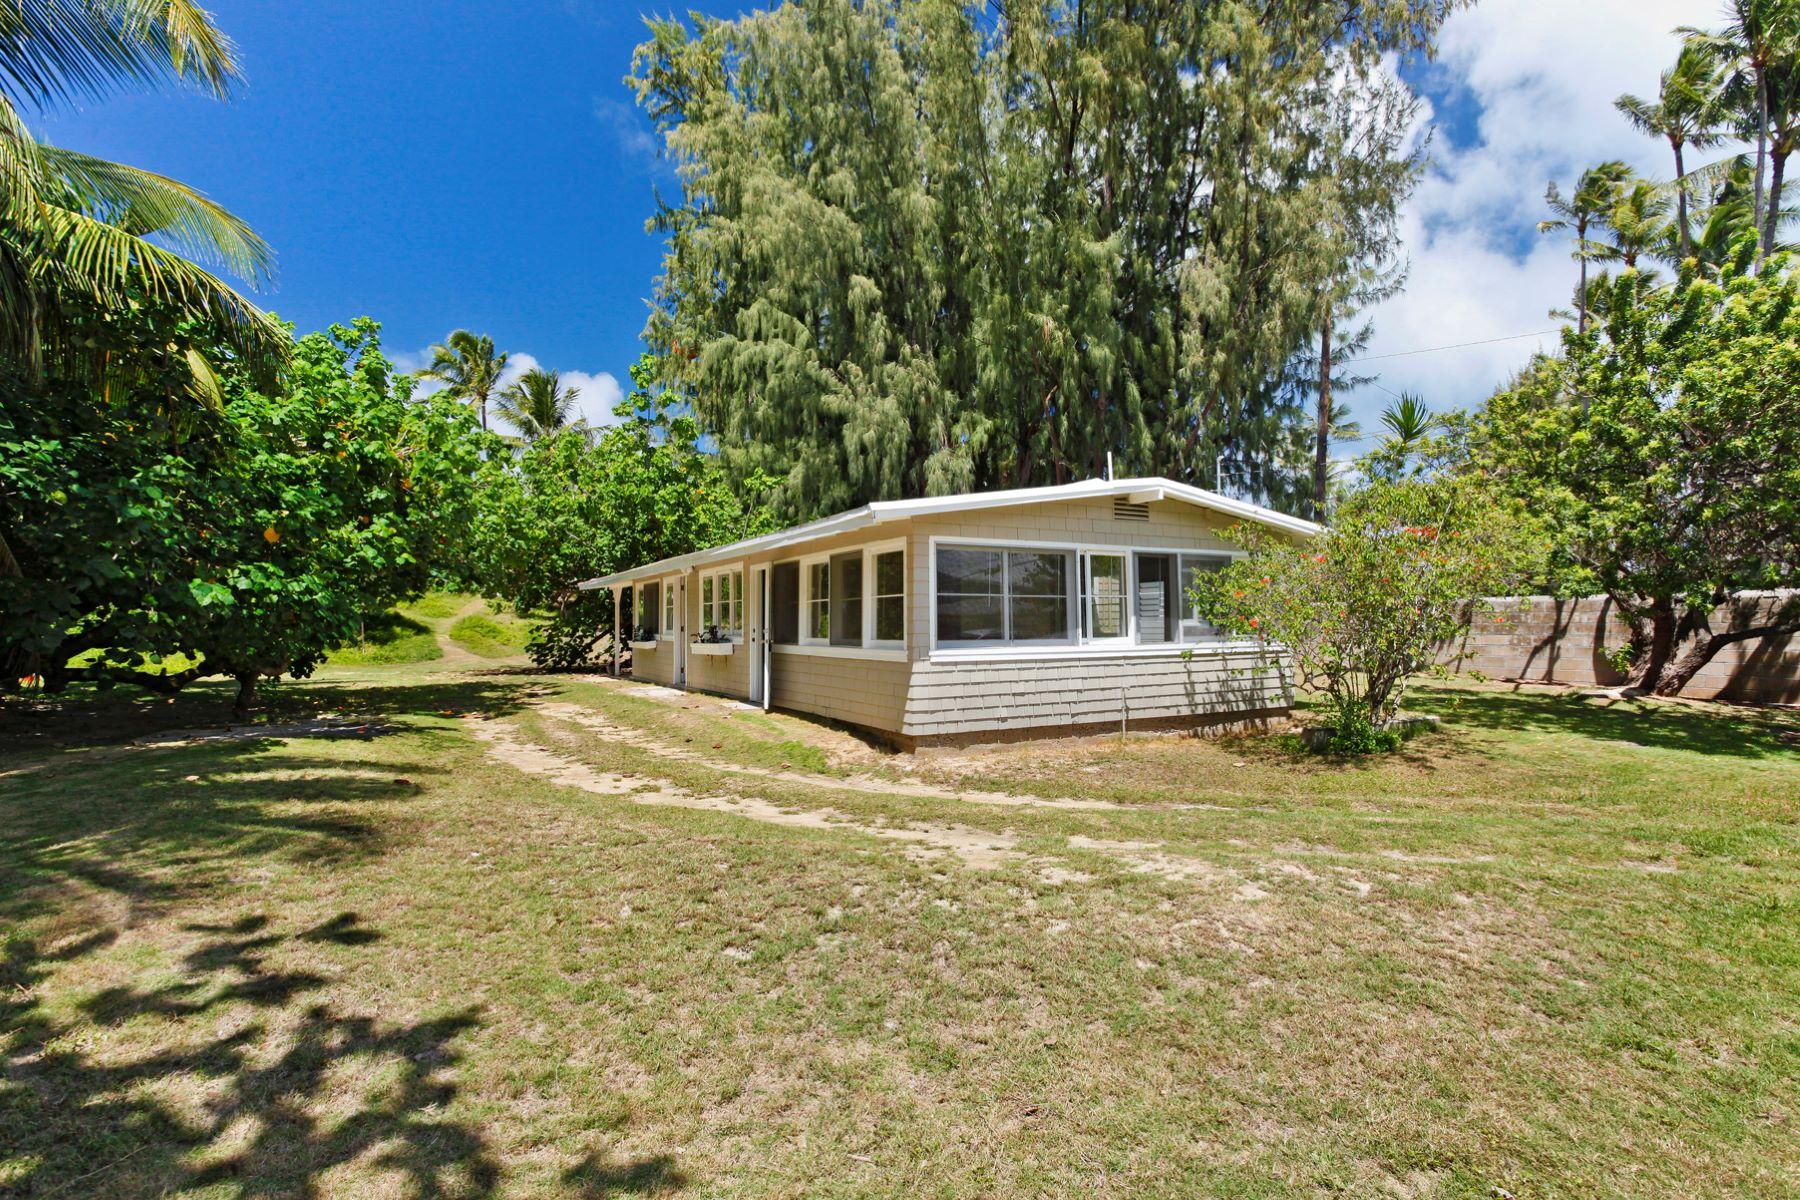 Casa Unifamiliar por un Venta en Kailua Beach Cottage 12 Kailua Rd Kailua, Hawaii 96734 Estados Unidos